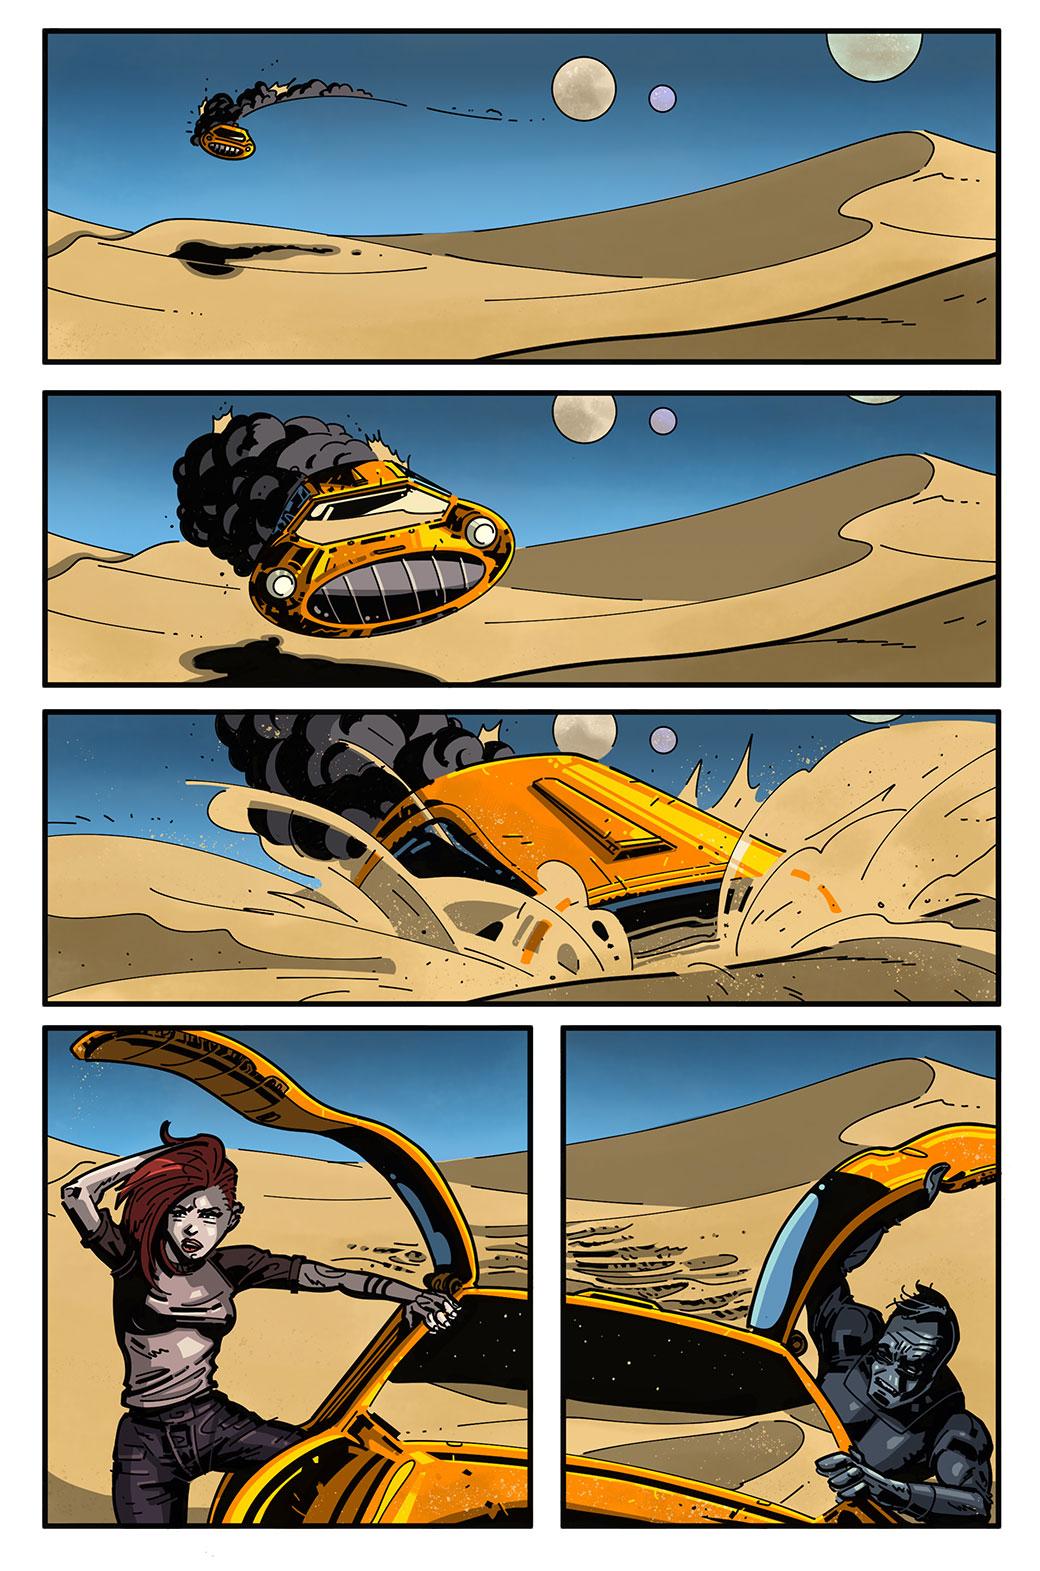 Taxi_Fare1-01-col.jpg